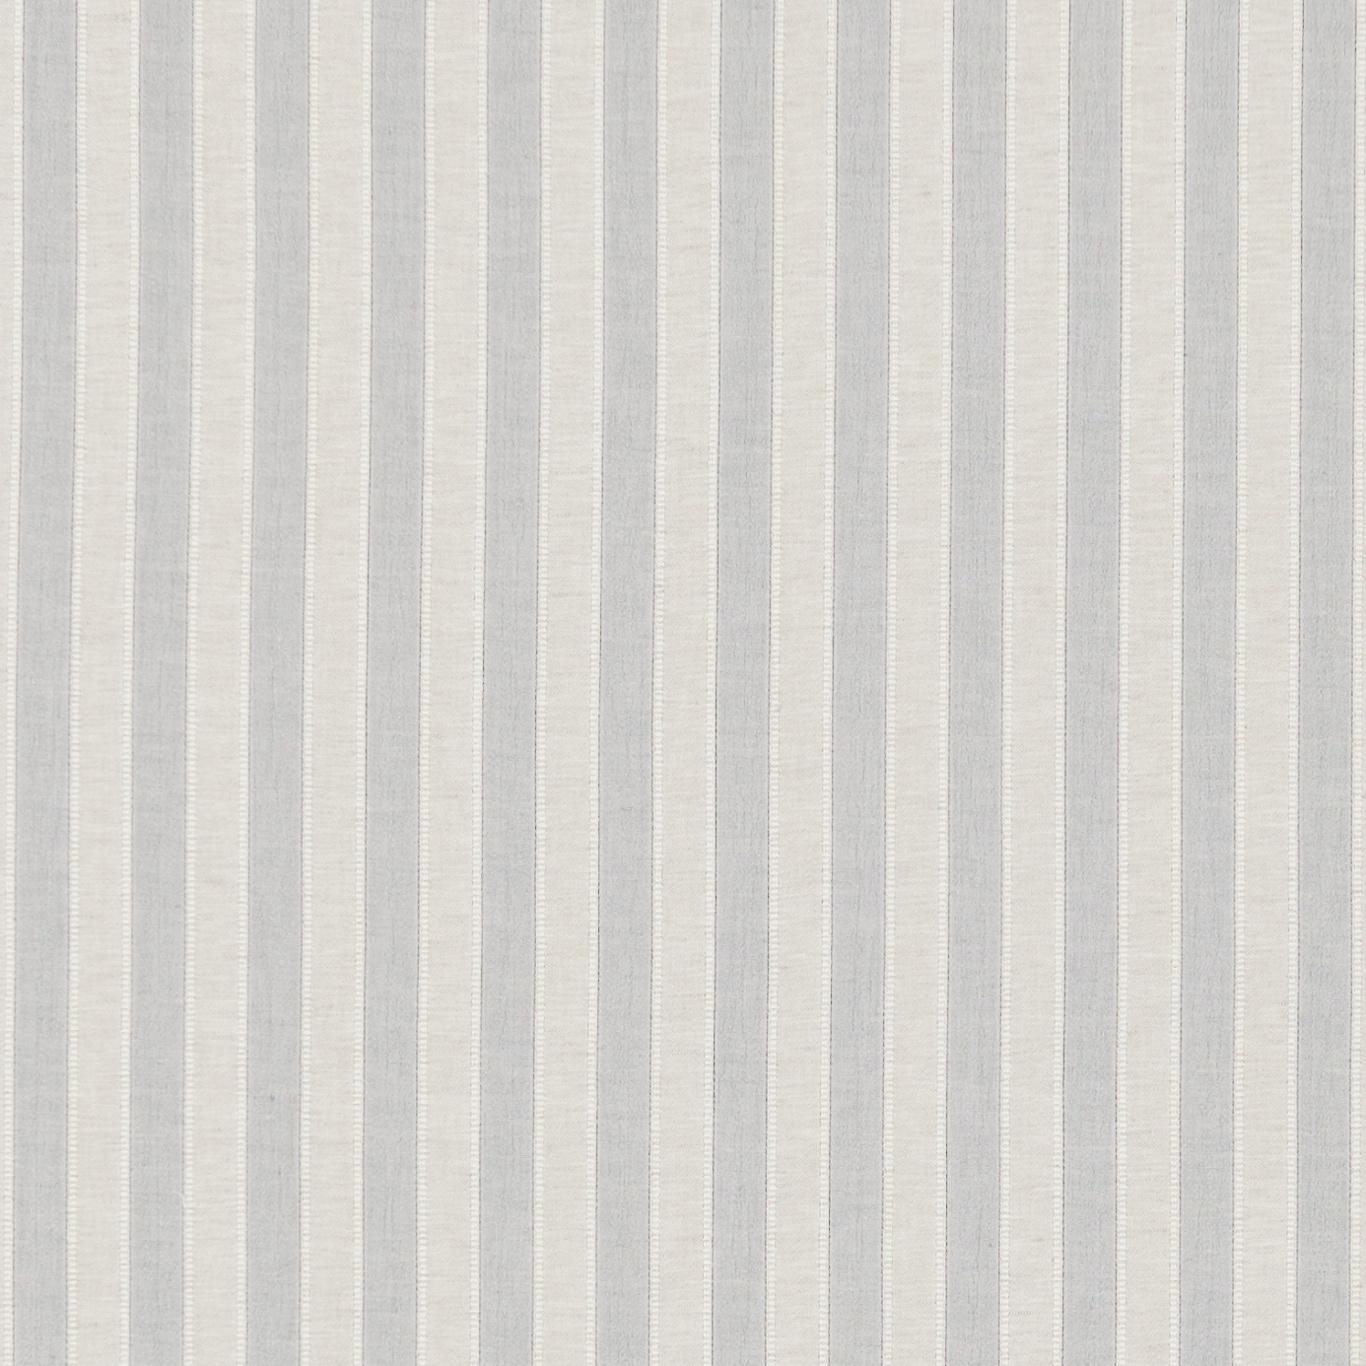 Sorilla Stripe by SAN